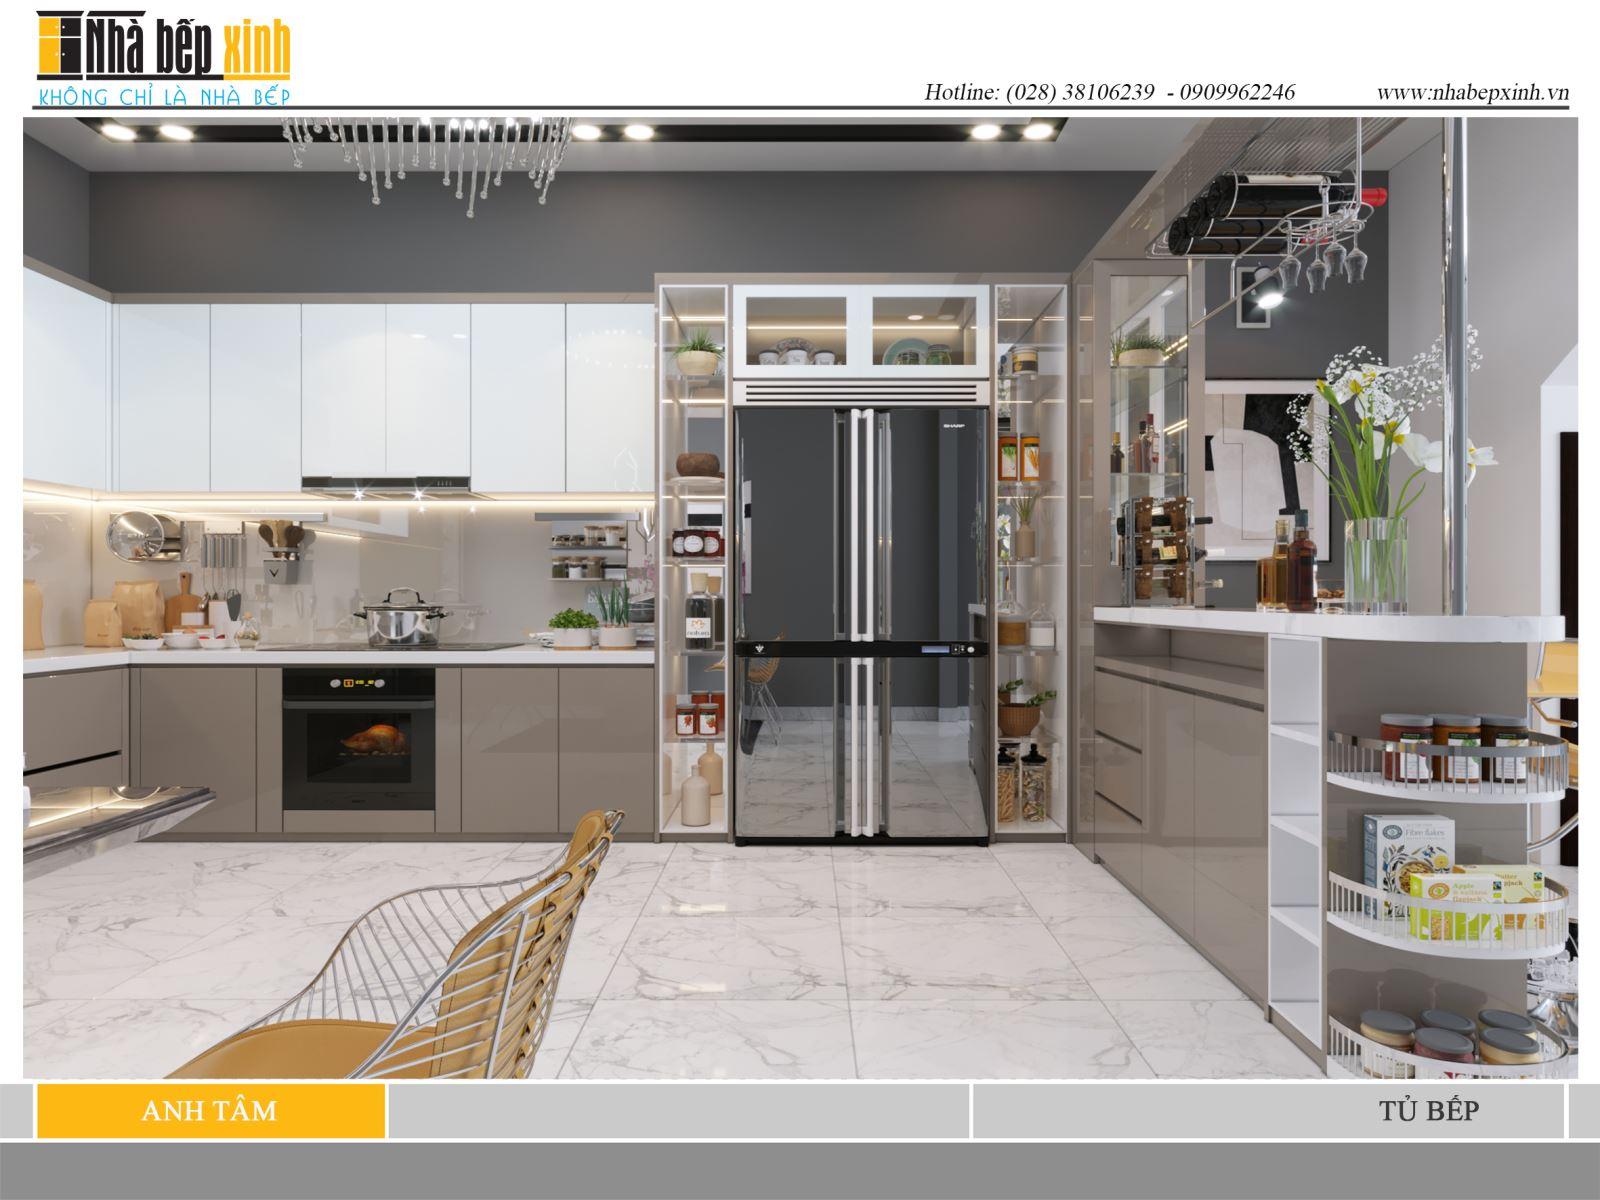 Hình ảnh tủ bếp đẹp cho căn bếp thêm sinh động và sang trọng